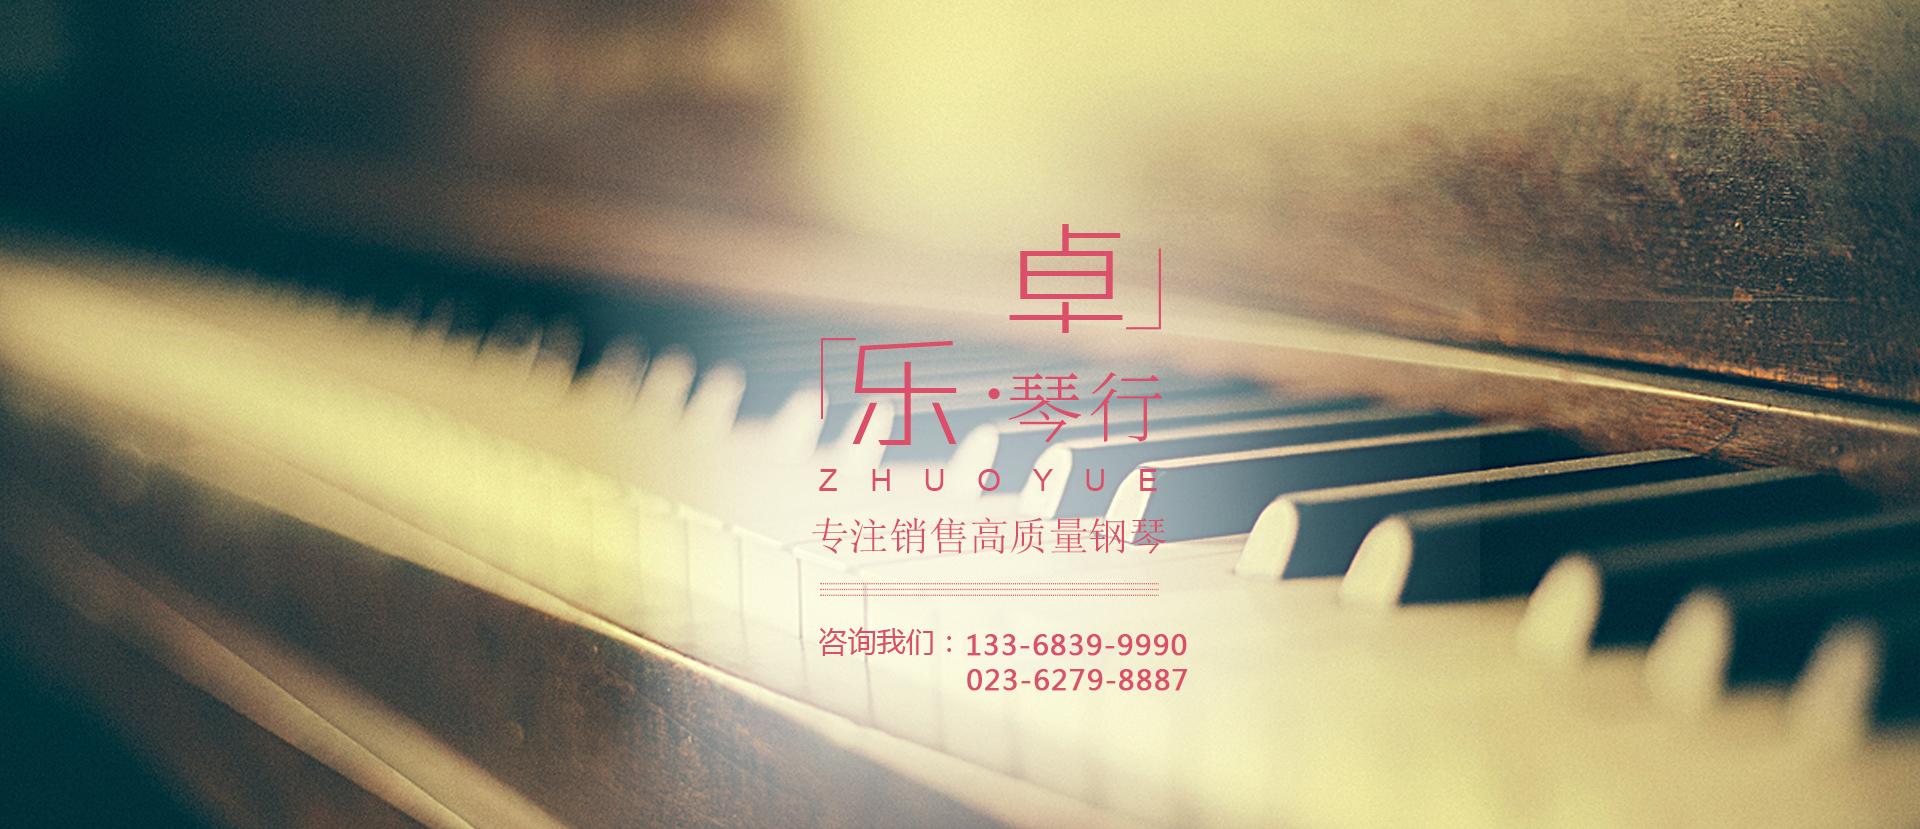 重庆钢琴琴行